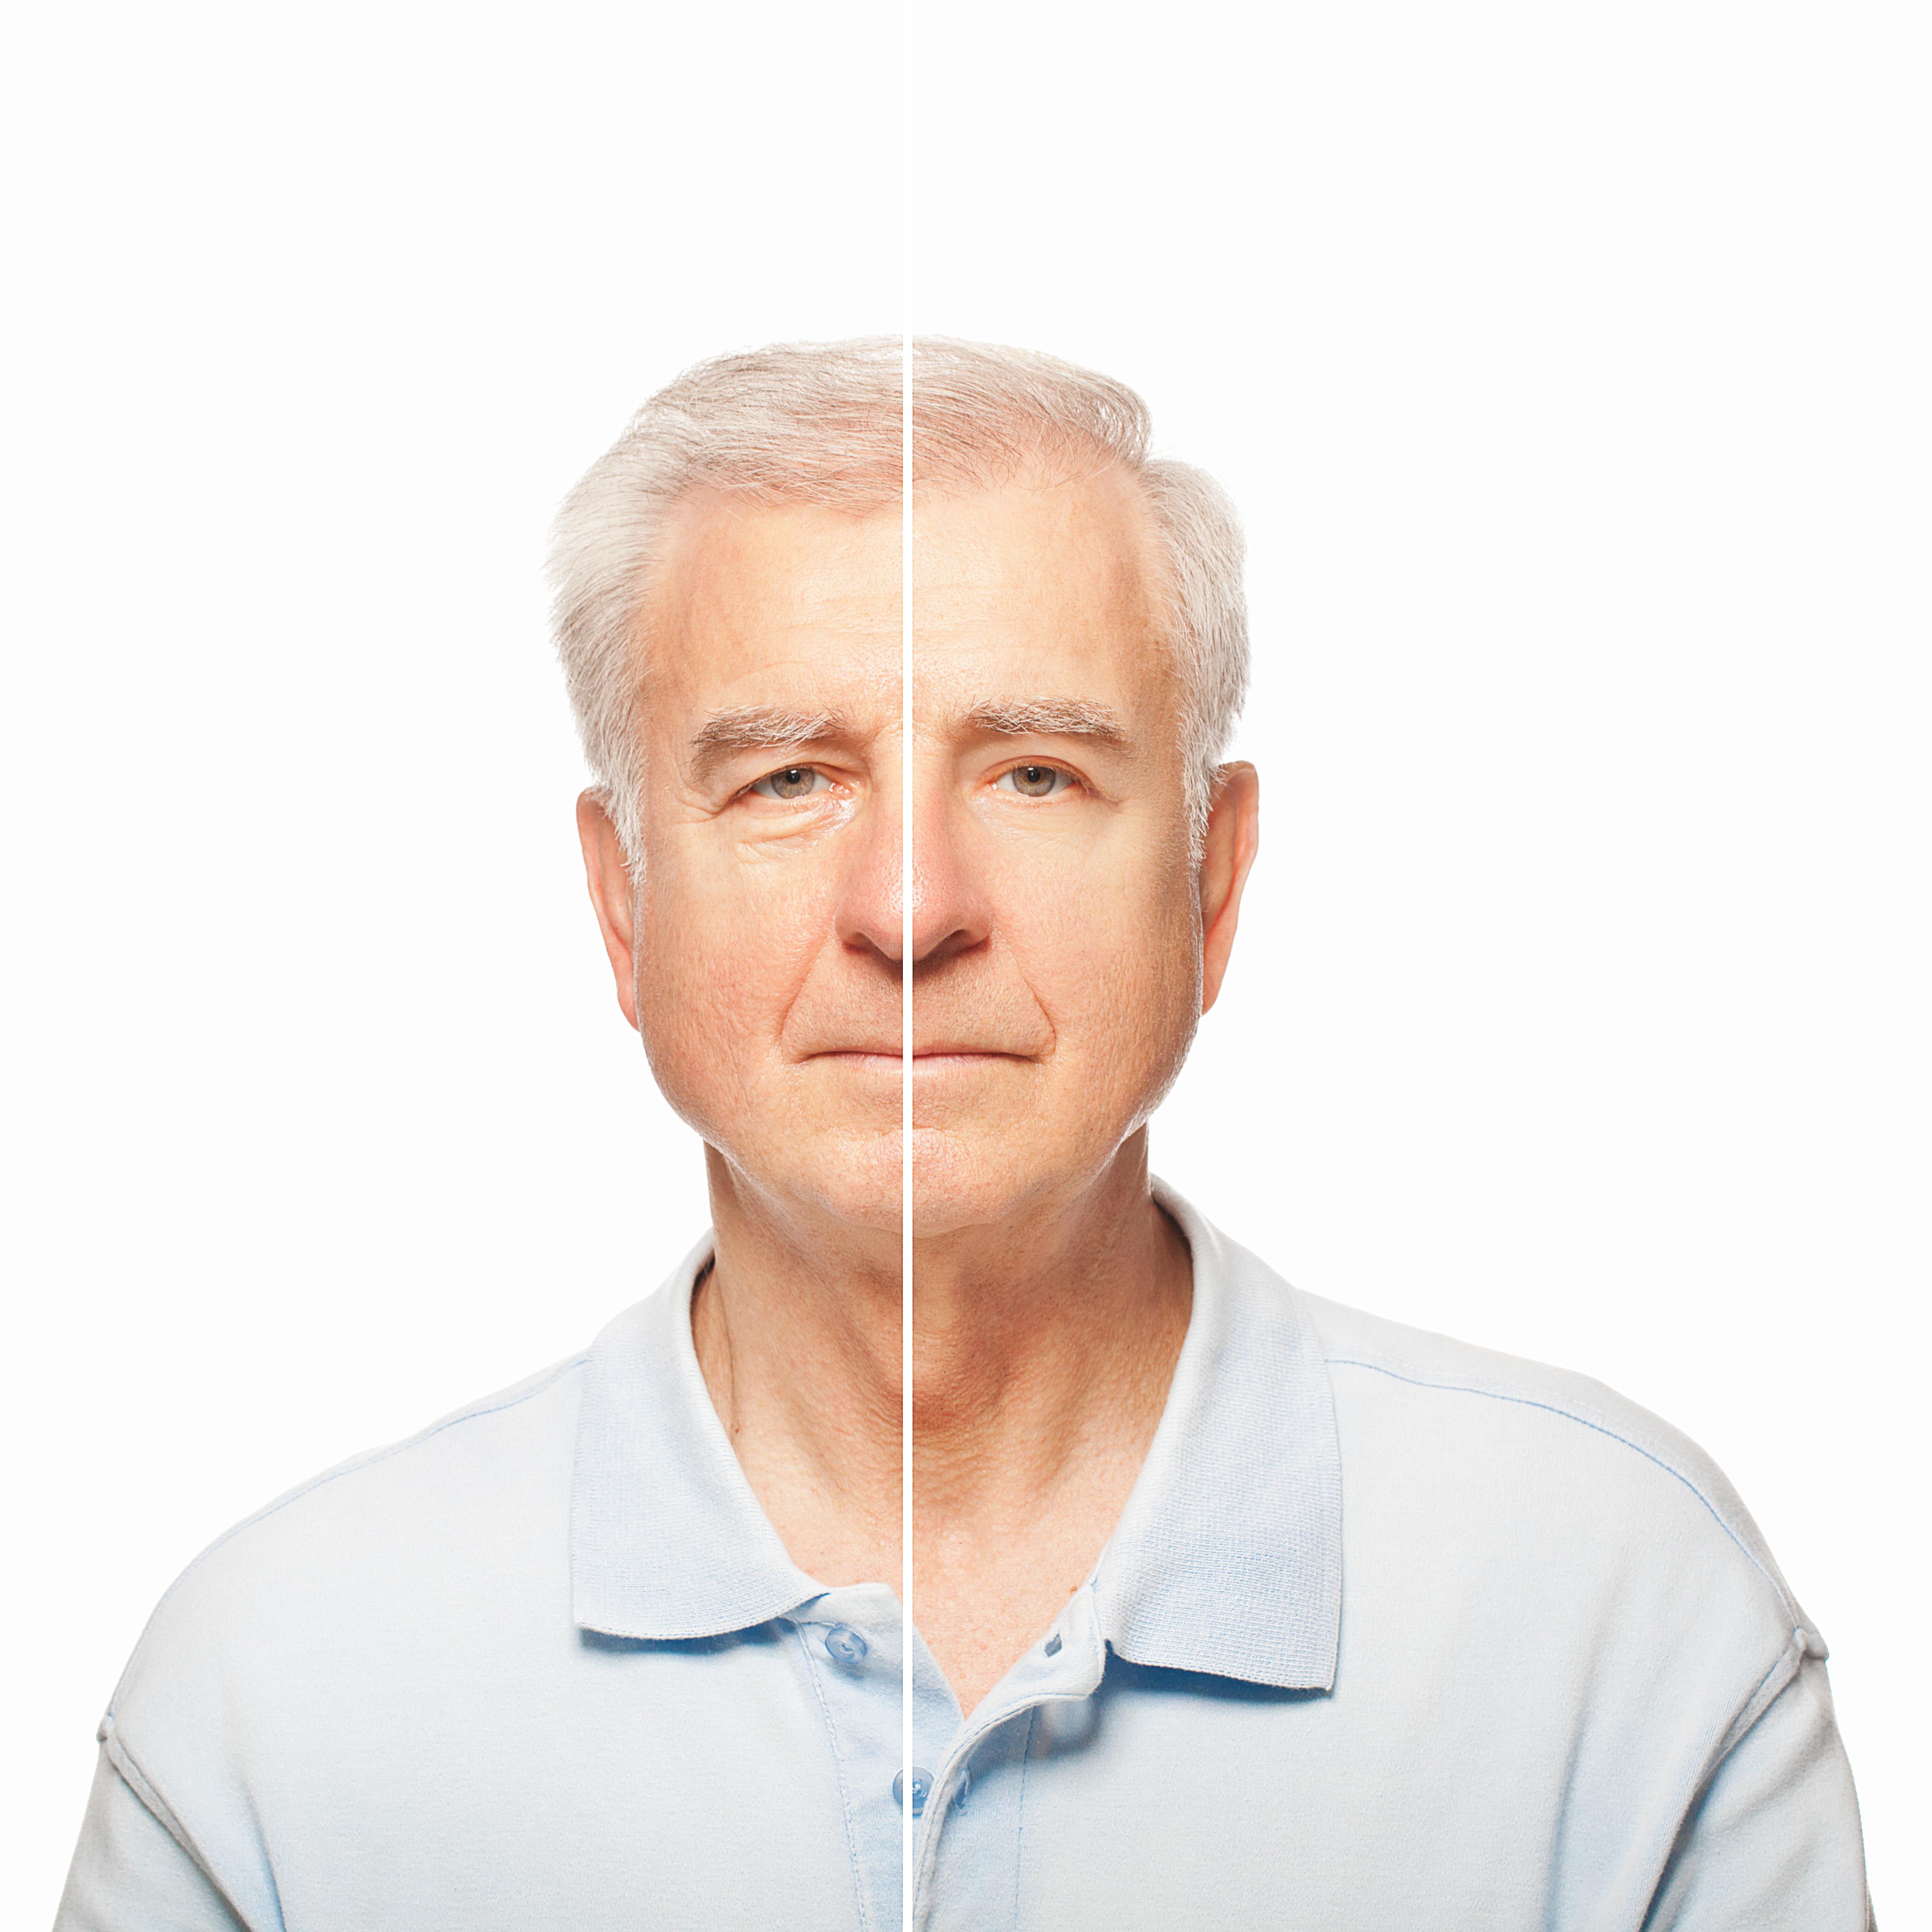 Vorher Nachher Bild der Lidstraffung und Korrektur der Tränensäcke bei einem Mann